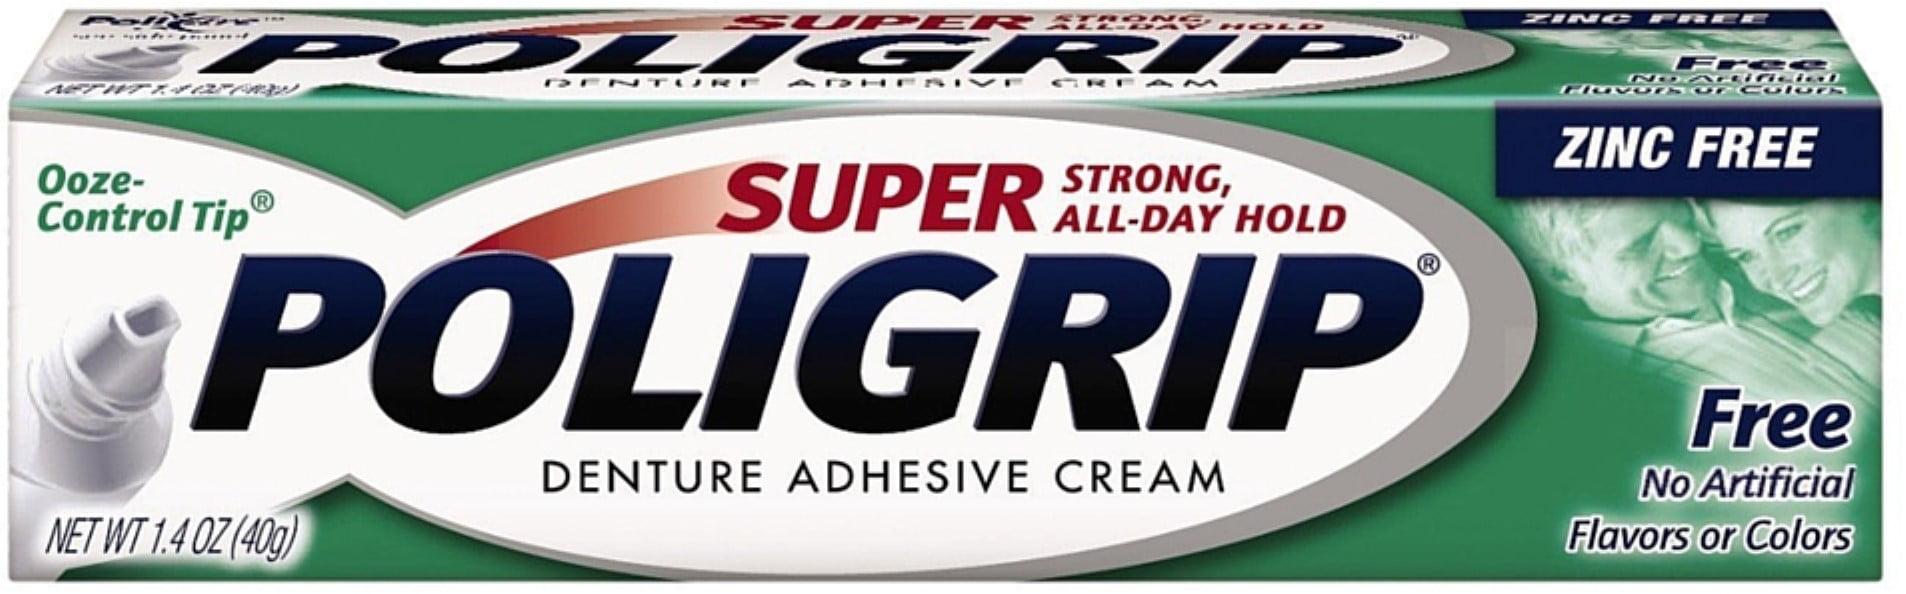 SUPER POLIGRIP Denture Adhesive Cream, No Artificial Flavor/Color ...